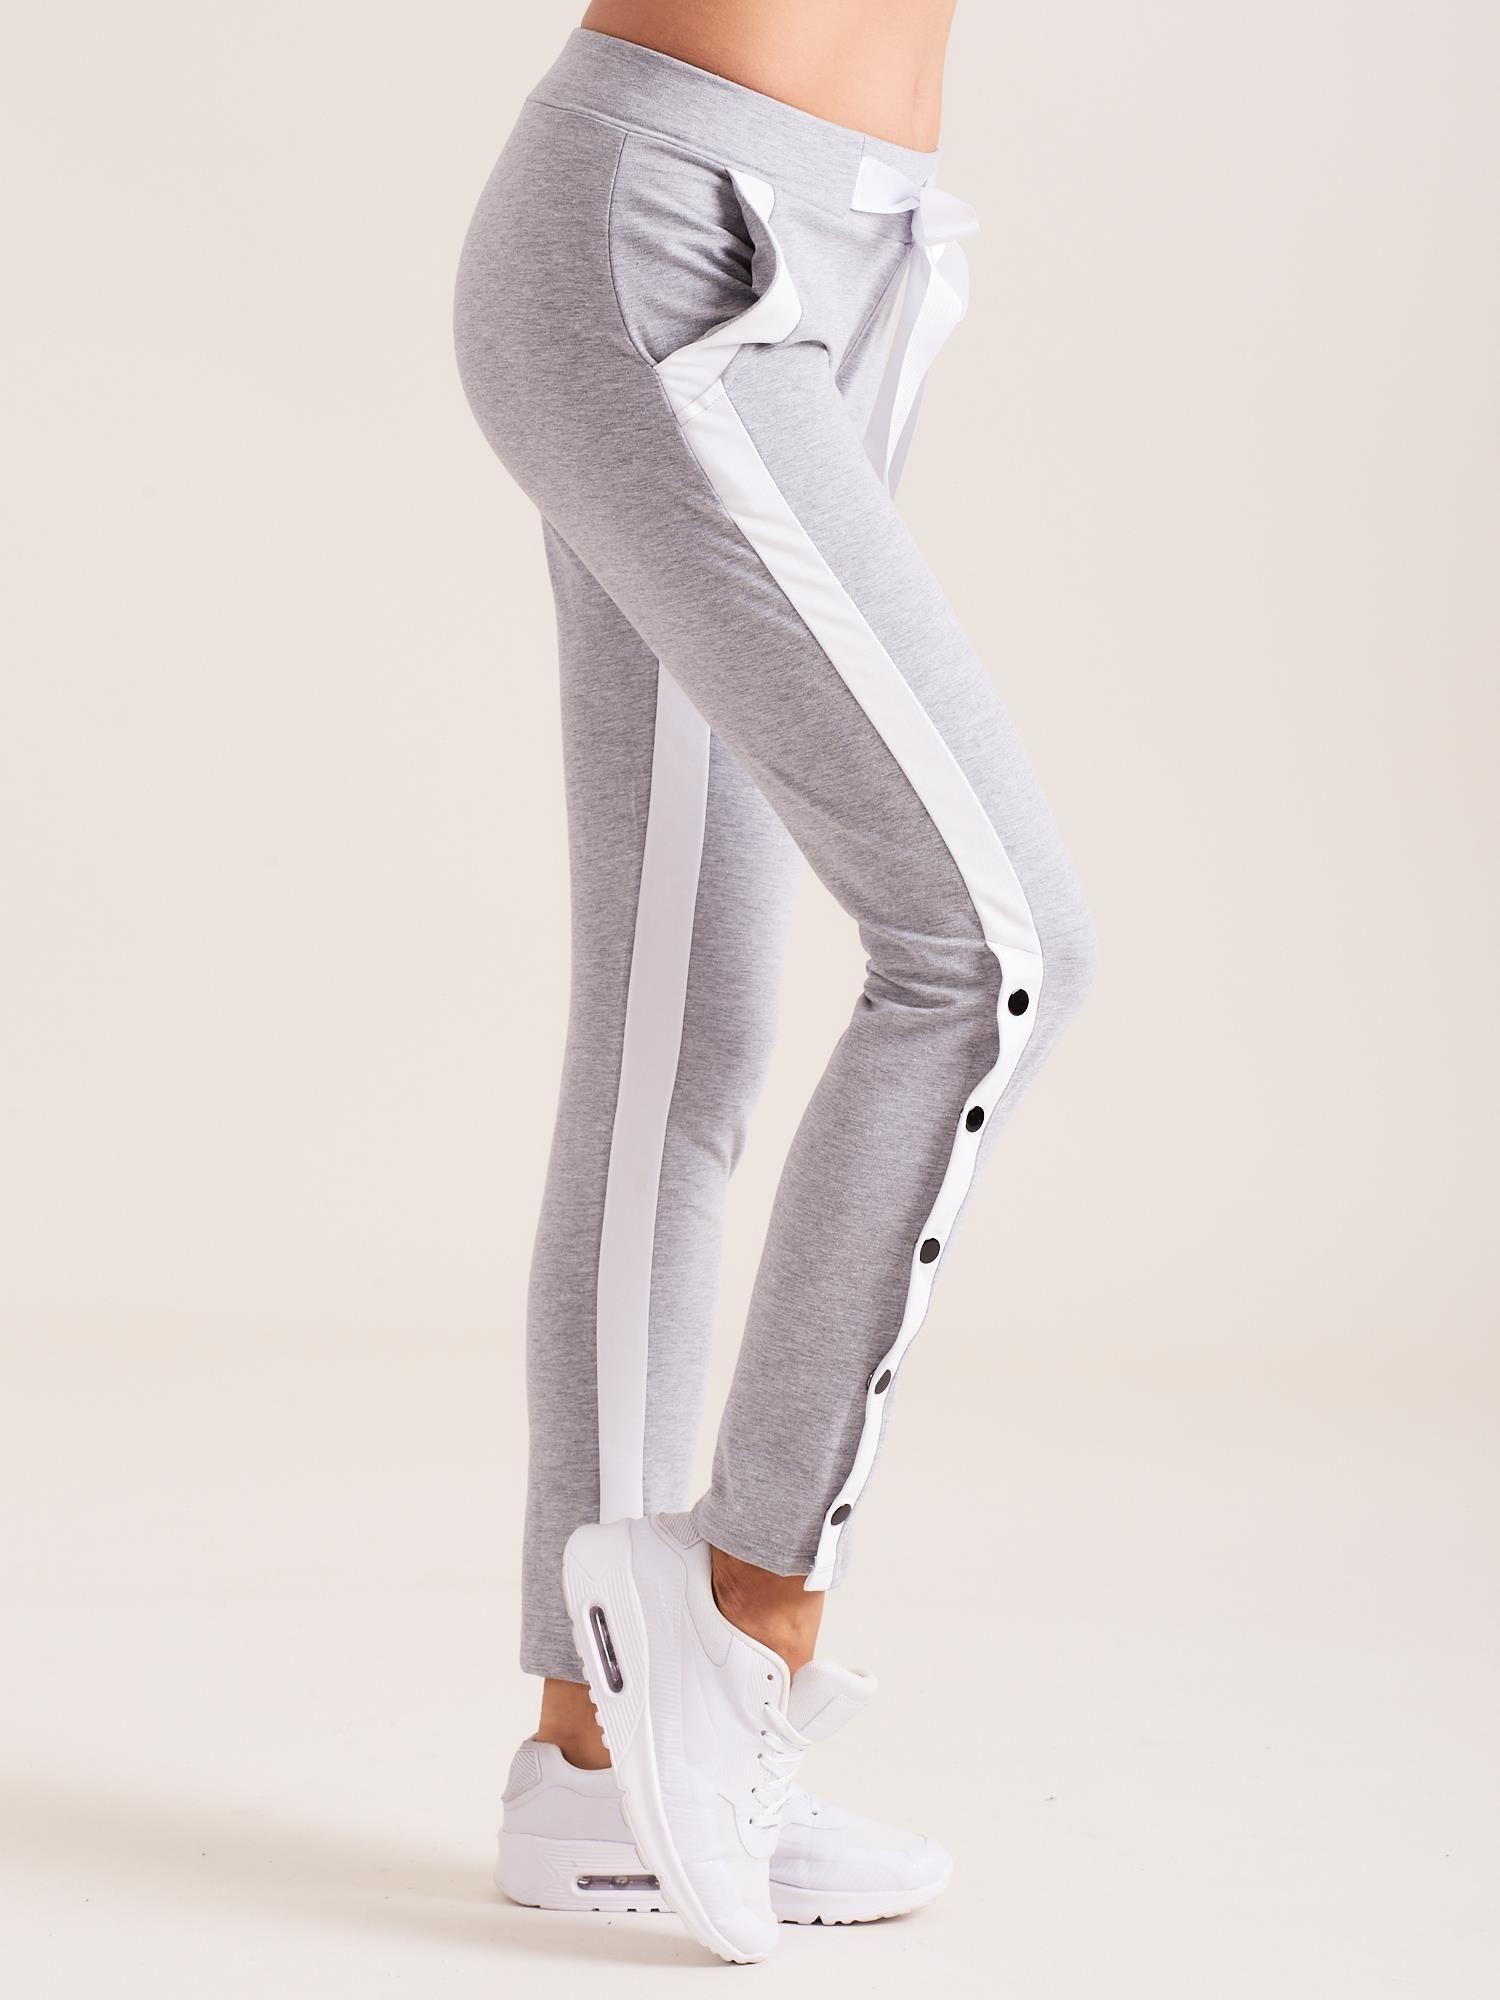 72e5f4cb7d248e Dresowe spodnie damskie z lampasami szare - Spodnie Dresowe - sklep ...